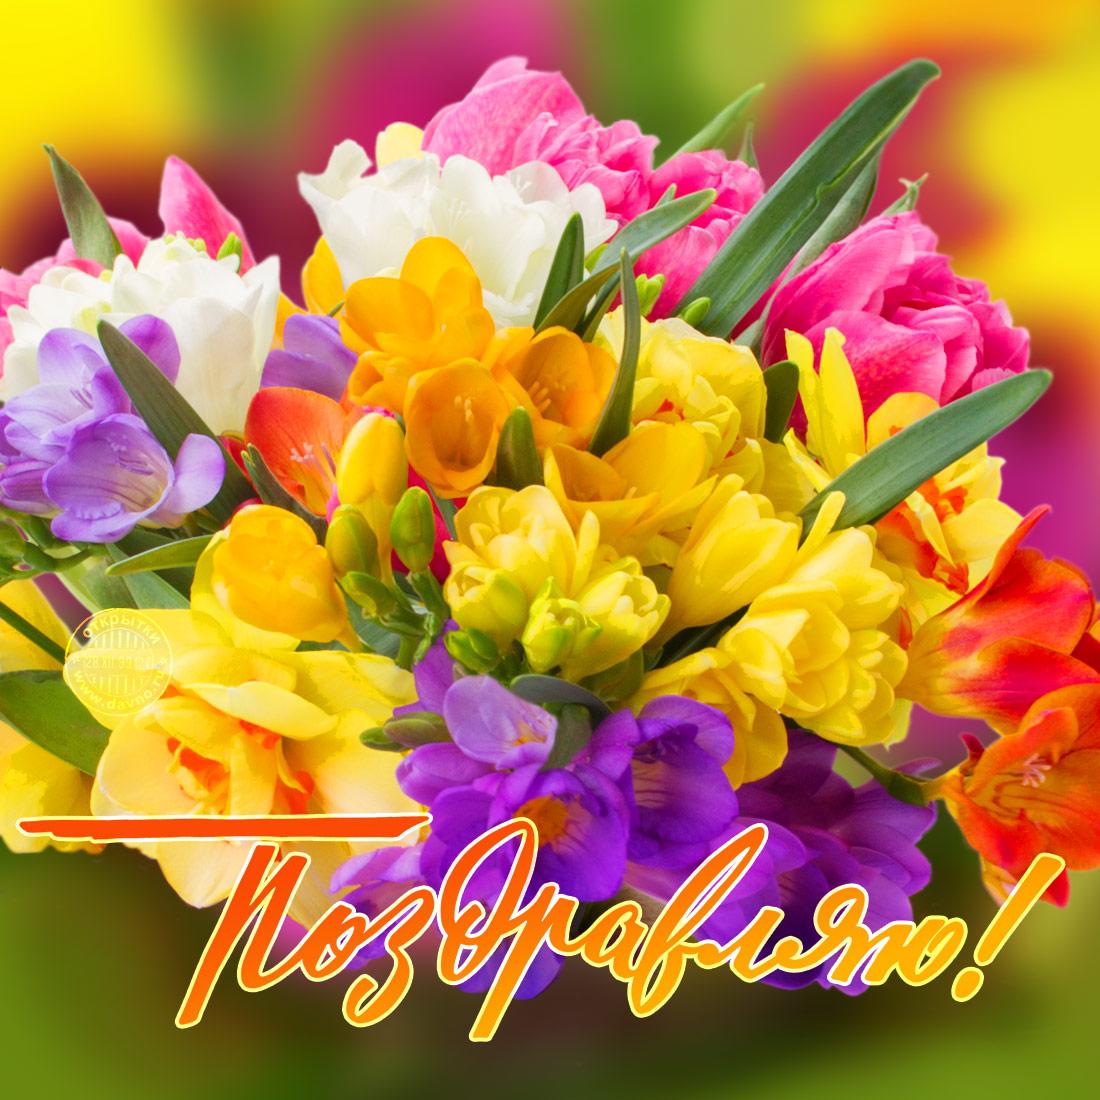 Поздравление с днем рождения с изображением цветов